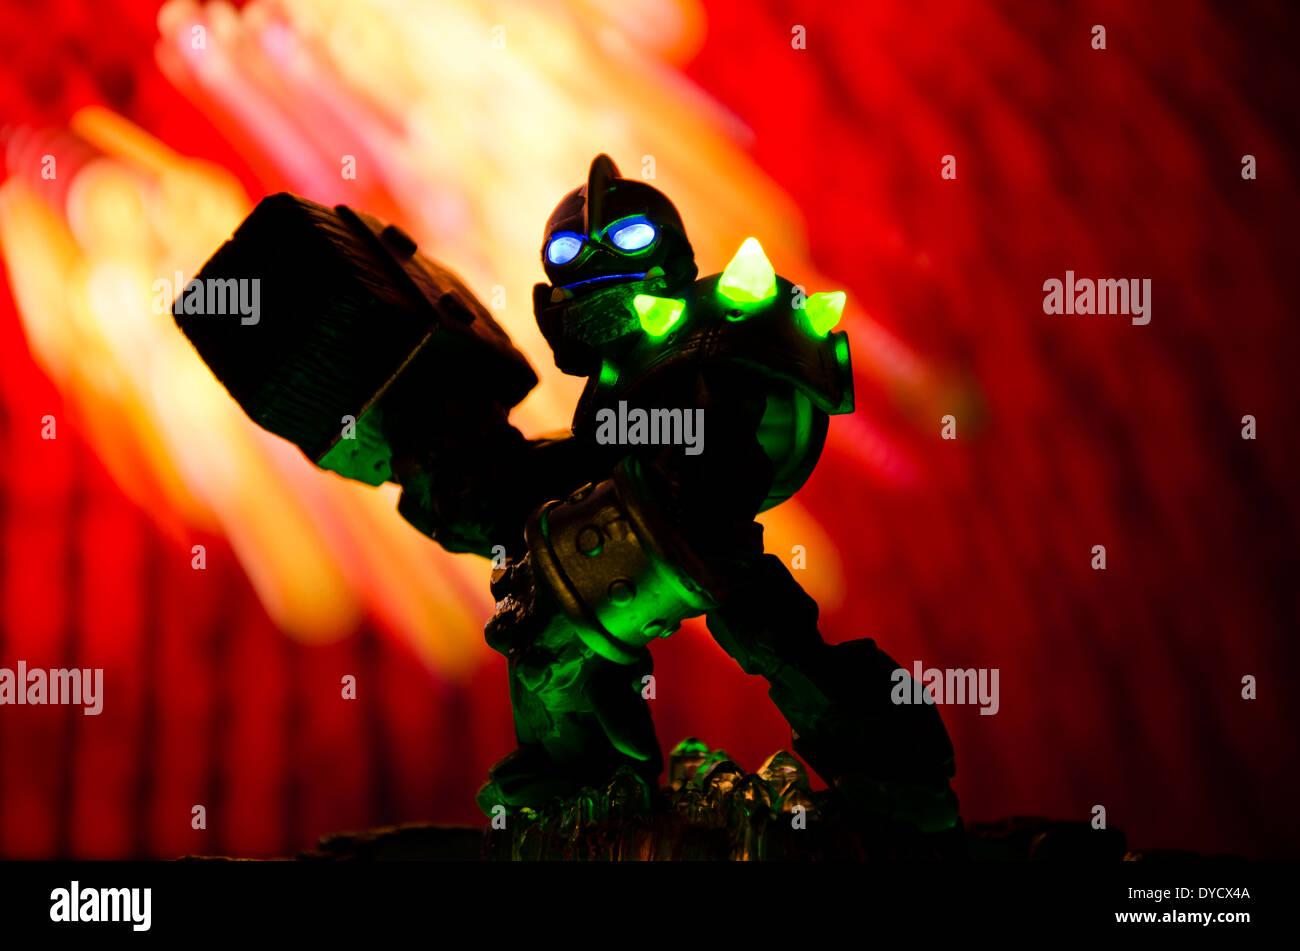 Skylanders Giants Crusher character. - Stock Image